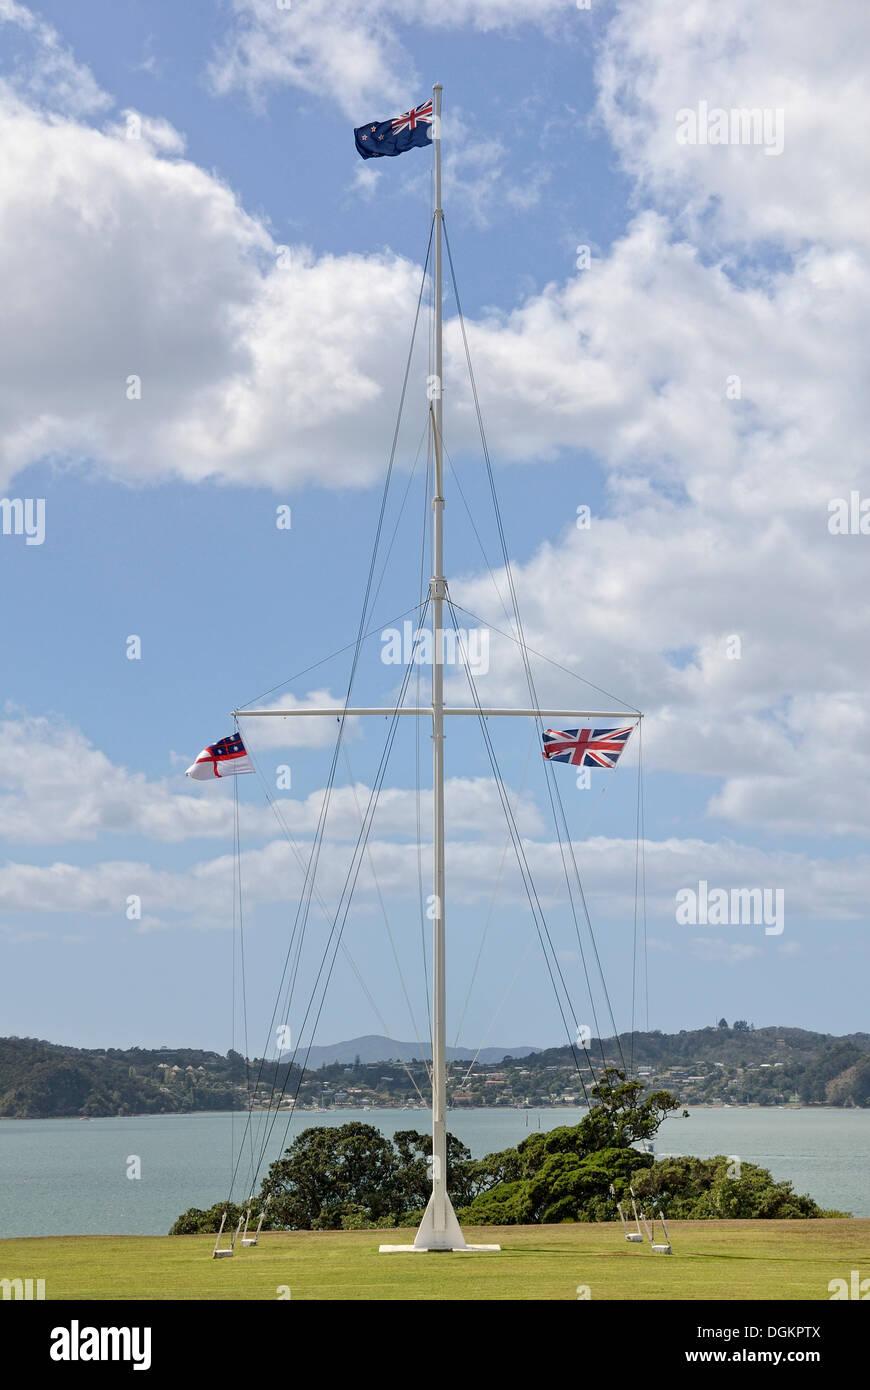 Flagpole, Waitangi Treaty Grounds, Waitangi, North Island, New Zealand - Stock Image